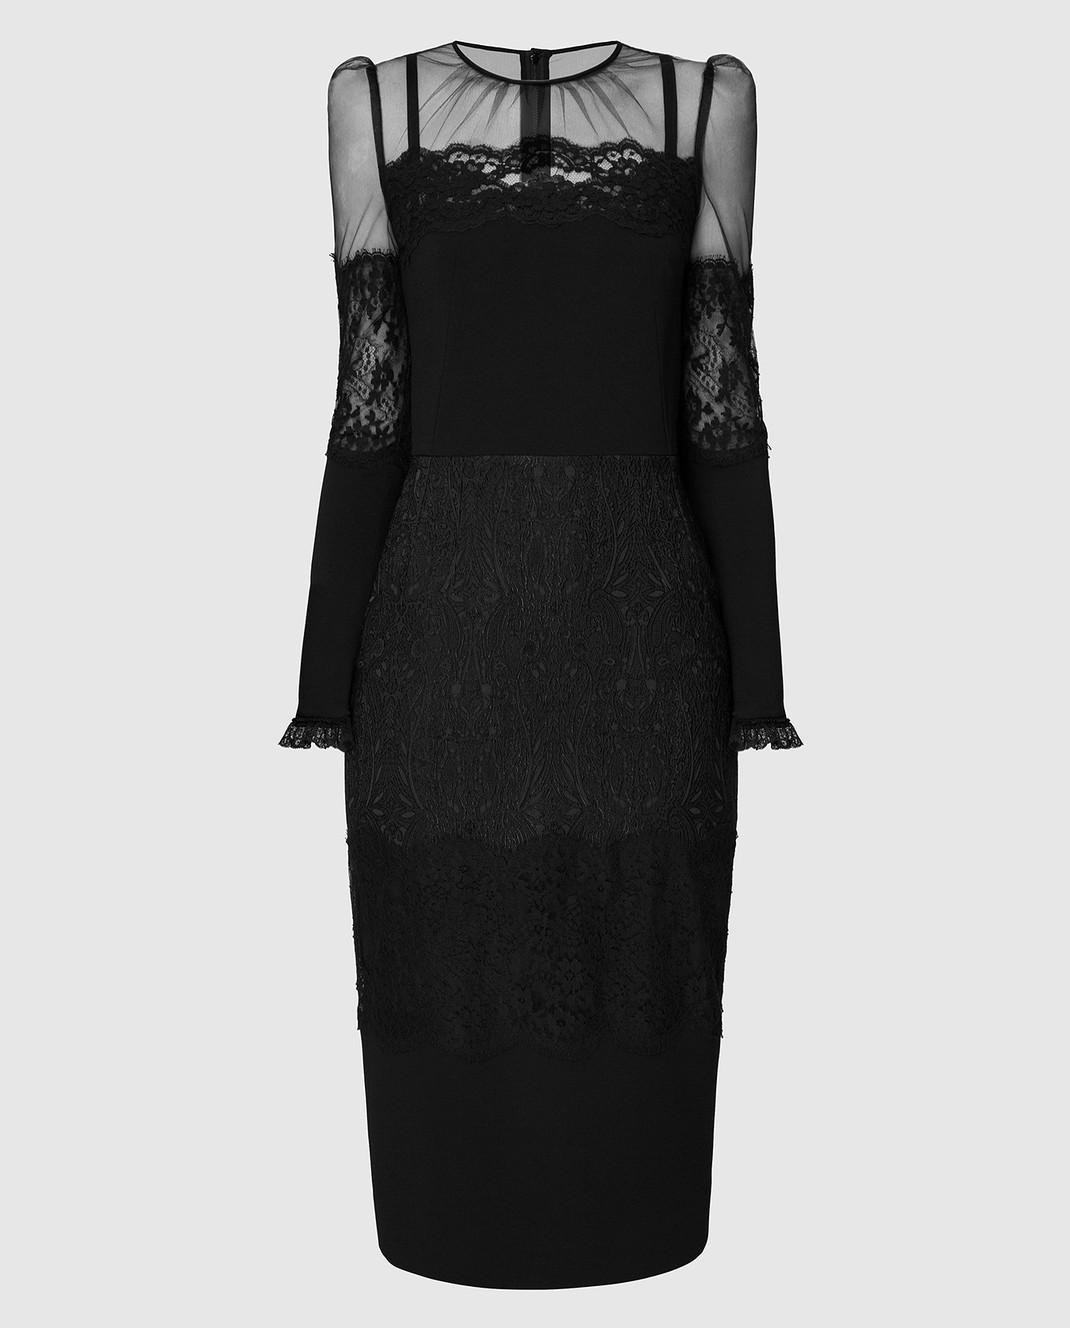 Dolce&Gabbana Черное платье изображение 1